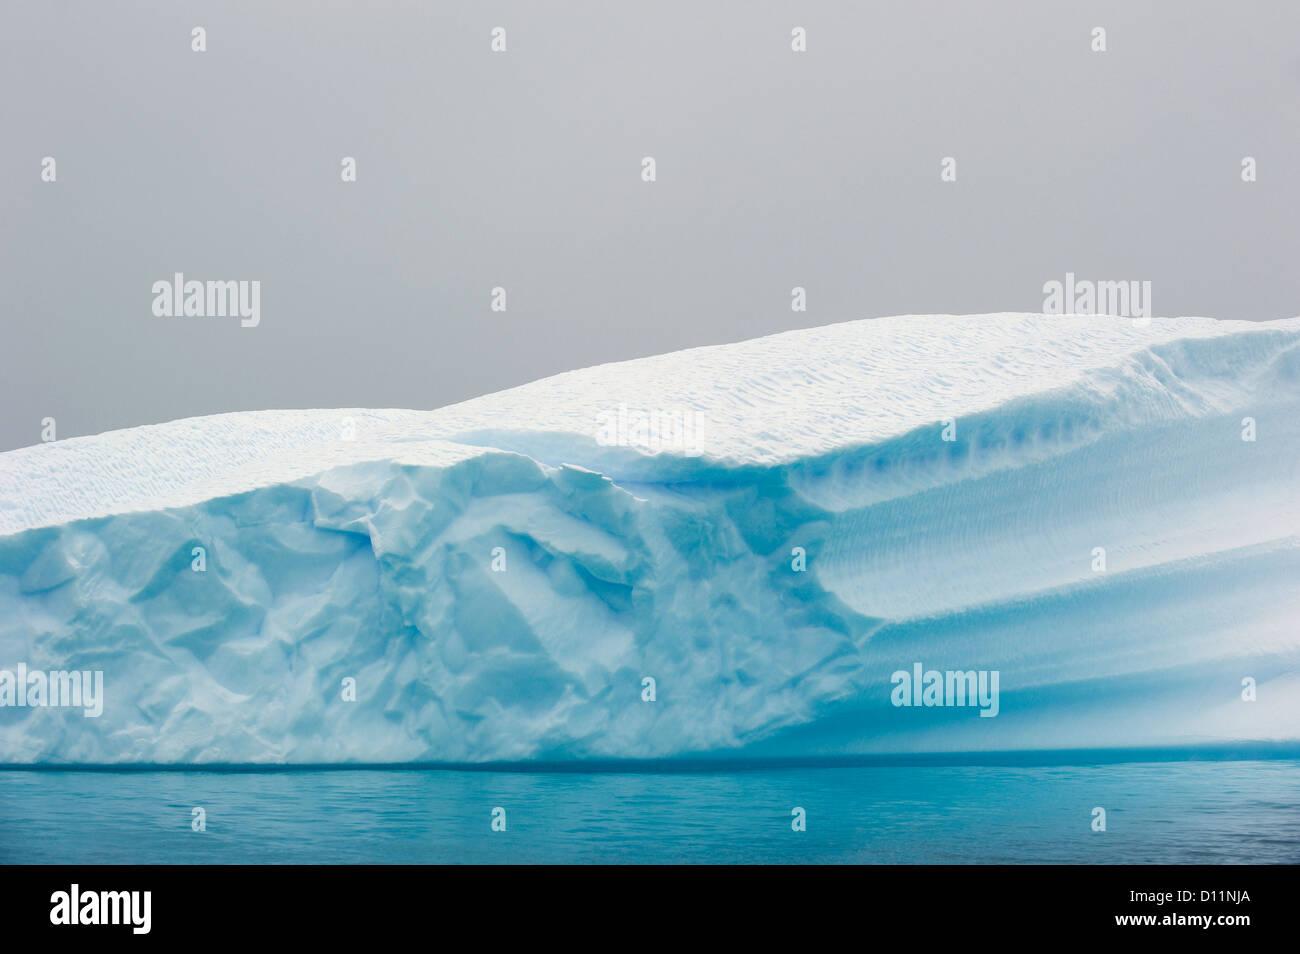 Iceberg; Antarctica - Stock Image